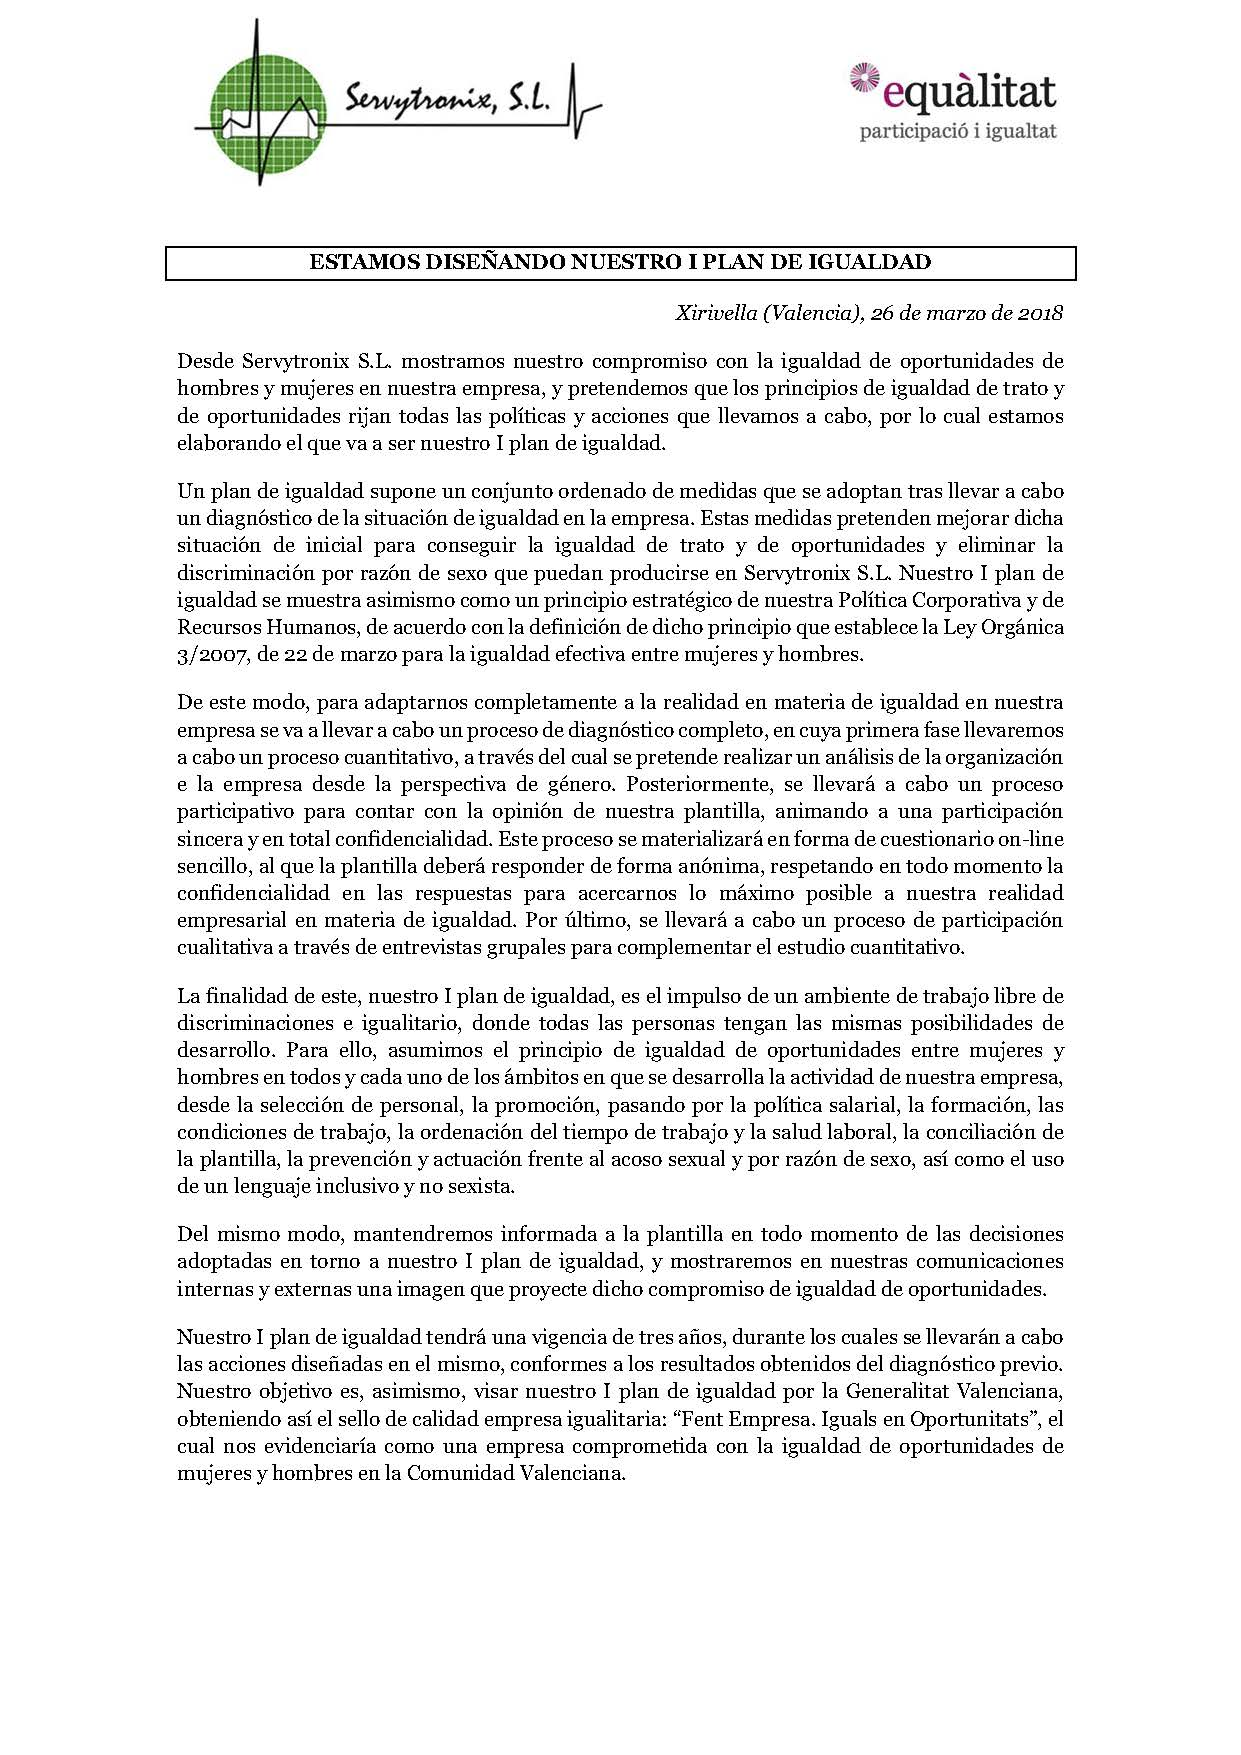 I PIO-Servytrronix-Nota de prensa